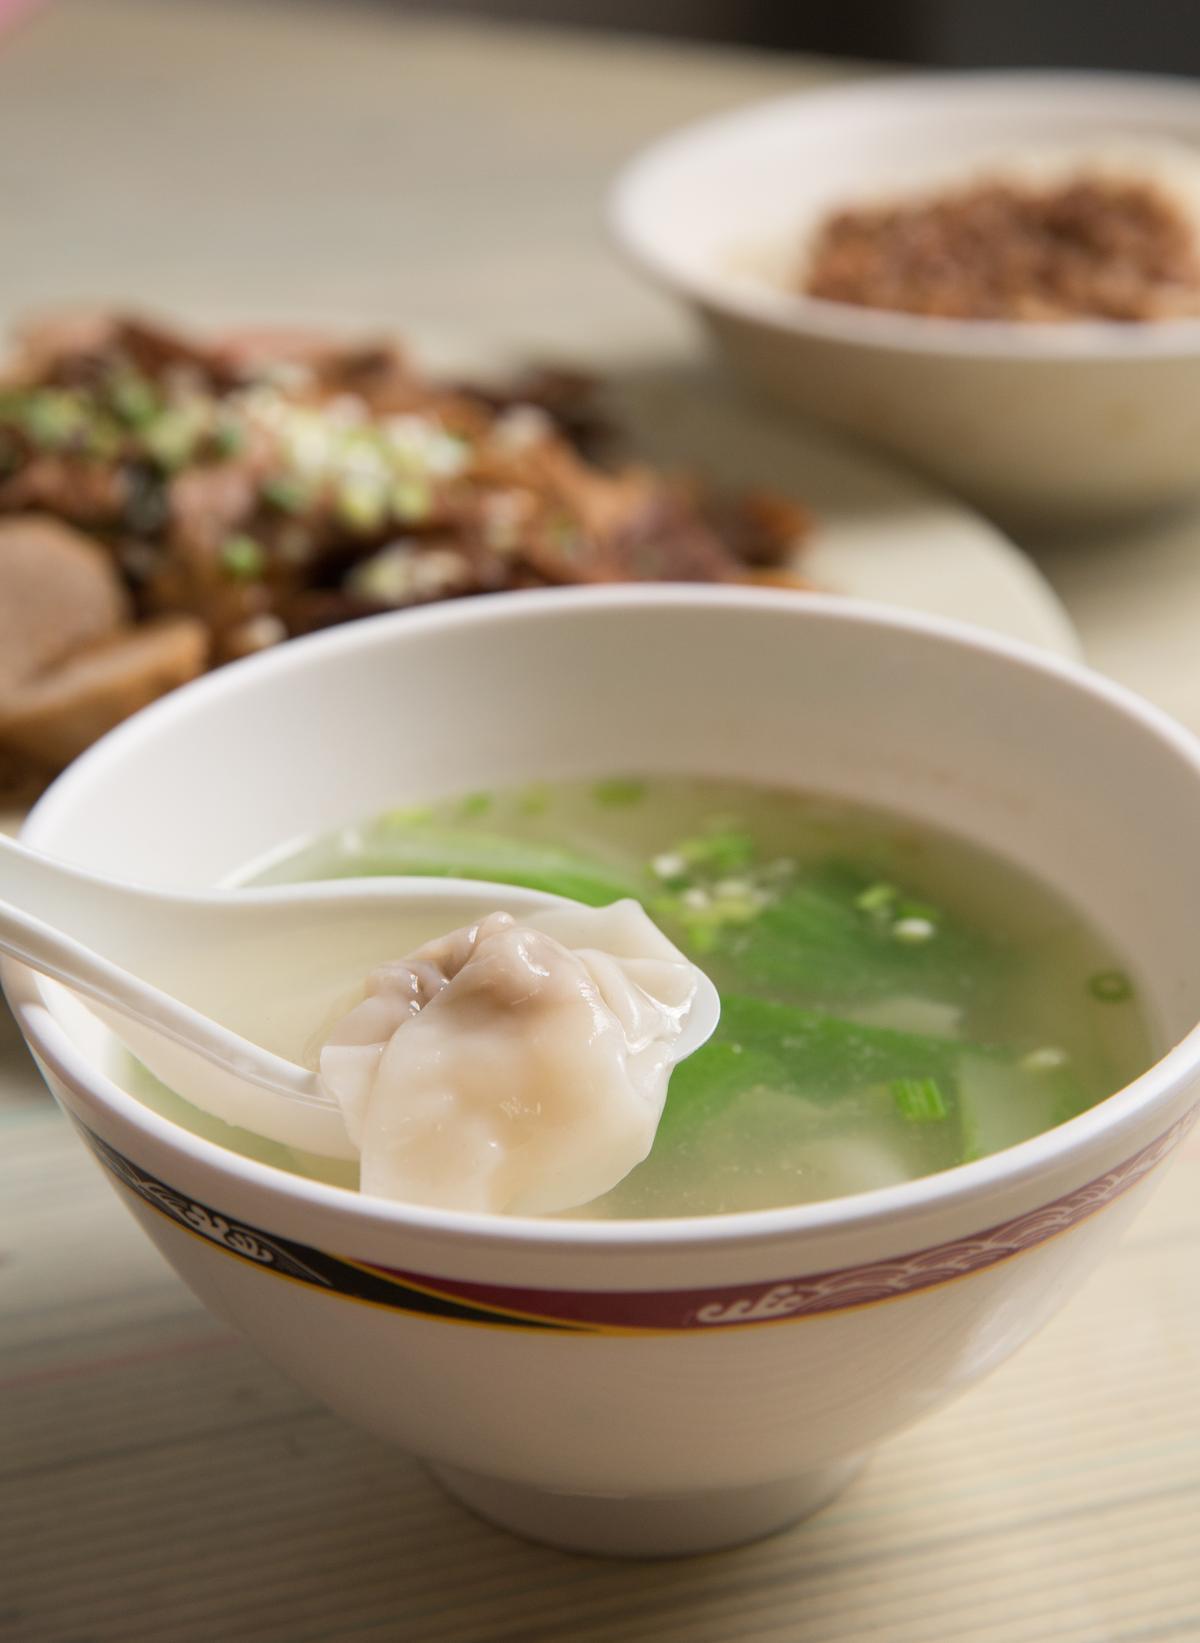 小碗餛飩湯僅20元,內餡實在,吃起來清爽不膩。